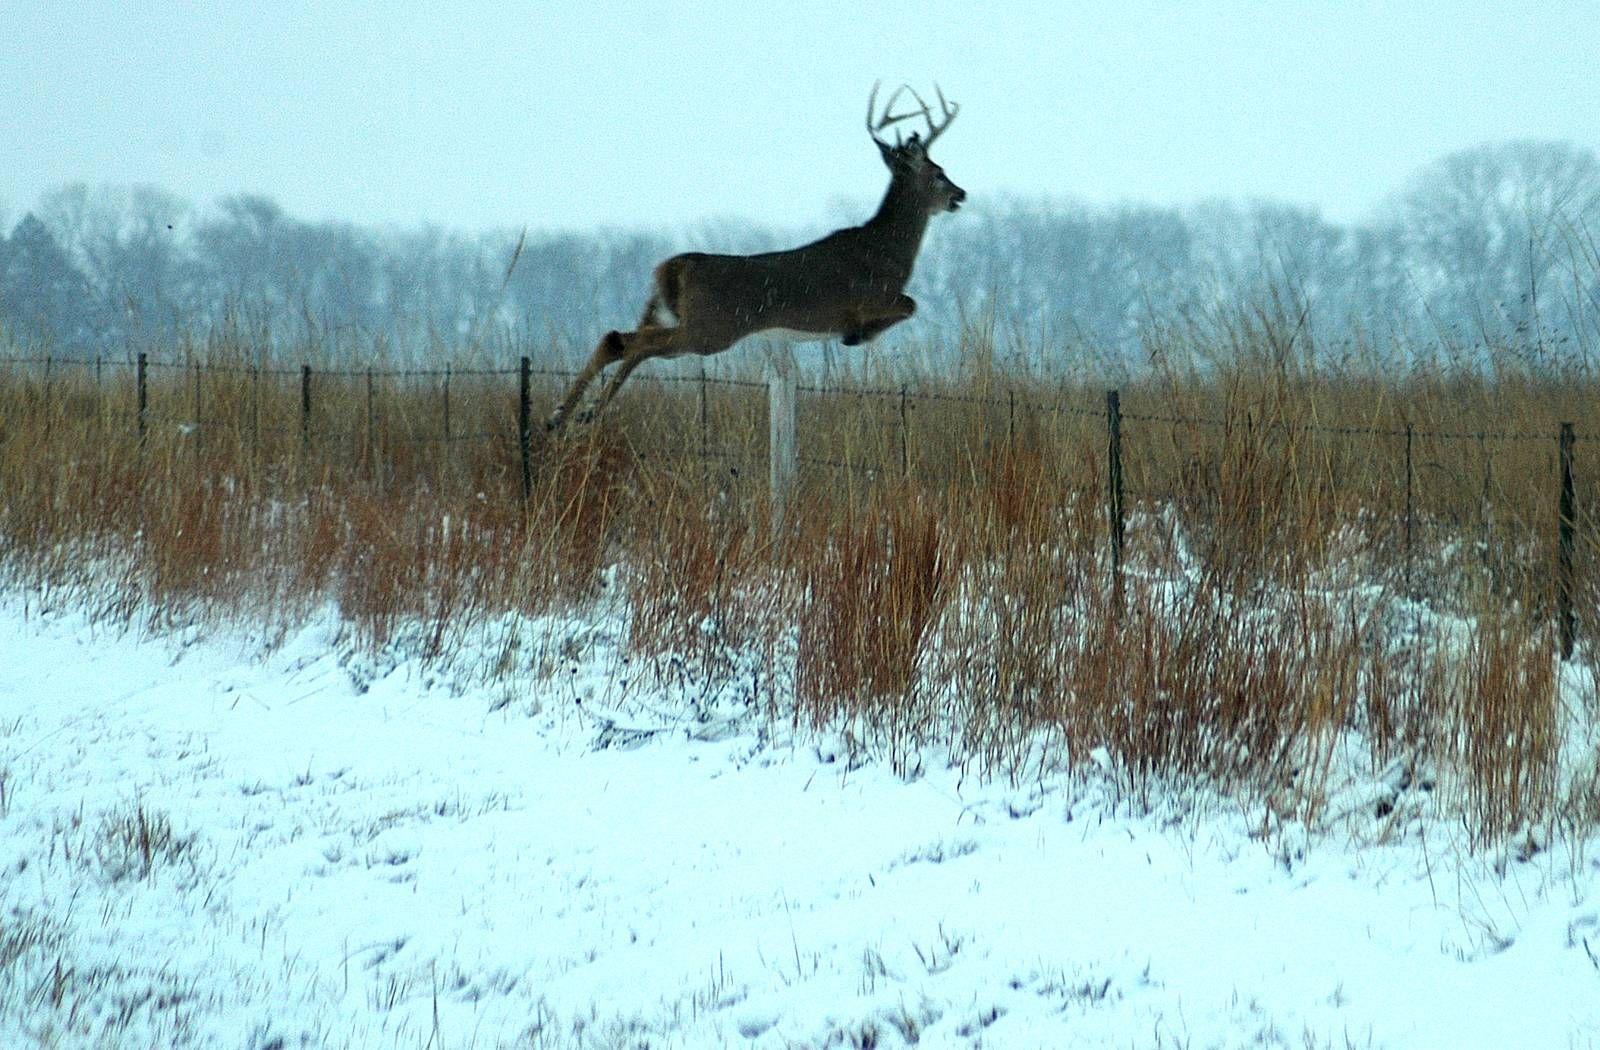 Whitetail deer wallpaper whitetail deer backgrounds for pc hd hd whitetail deer wallpaper whitetail deer backgrounds for pc hd voltagebd Image collections